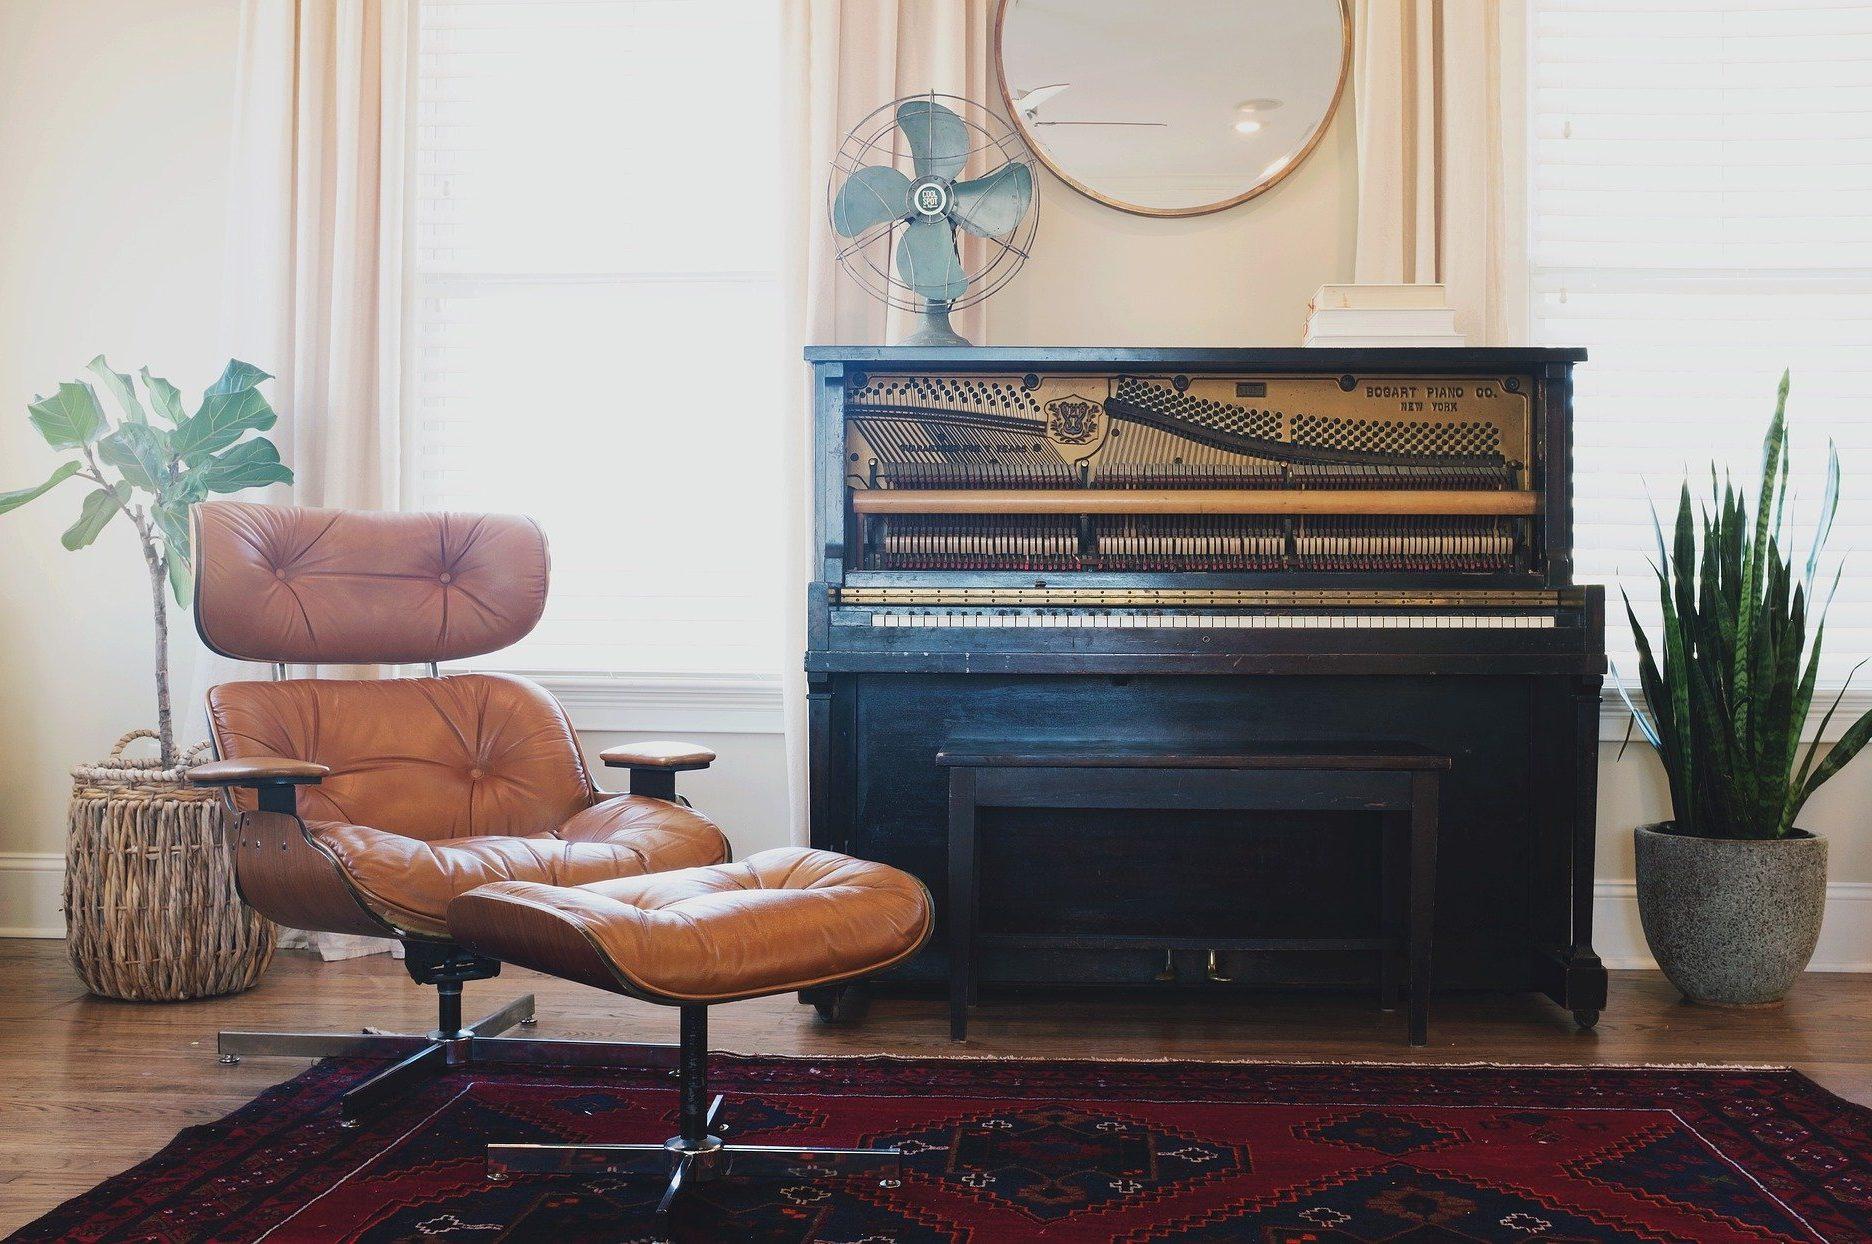 Entspannung mit Musik kann ein Überlebensprinzip im Lockdown sein